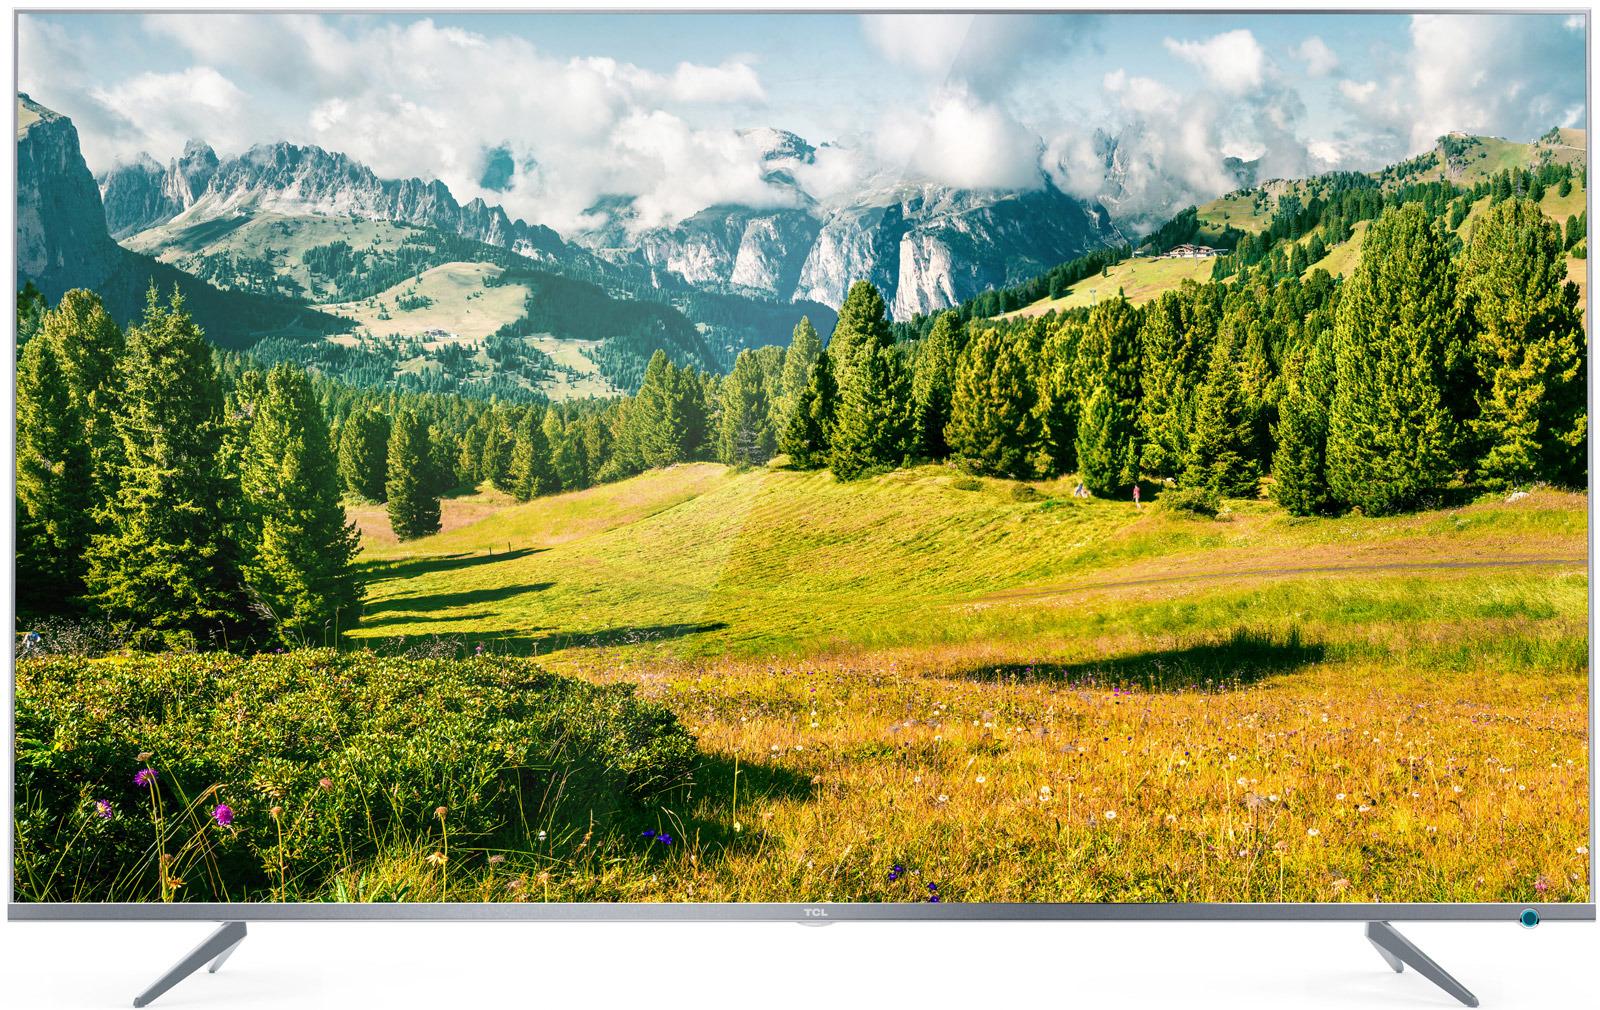 Телевизор TCL L50P6US, серебристый телевизор 4к что это